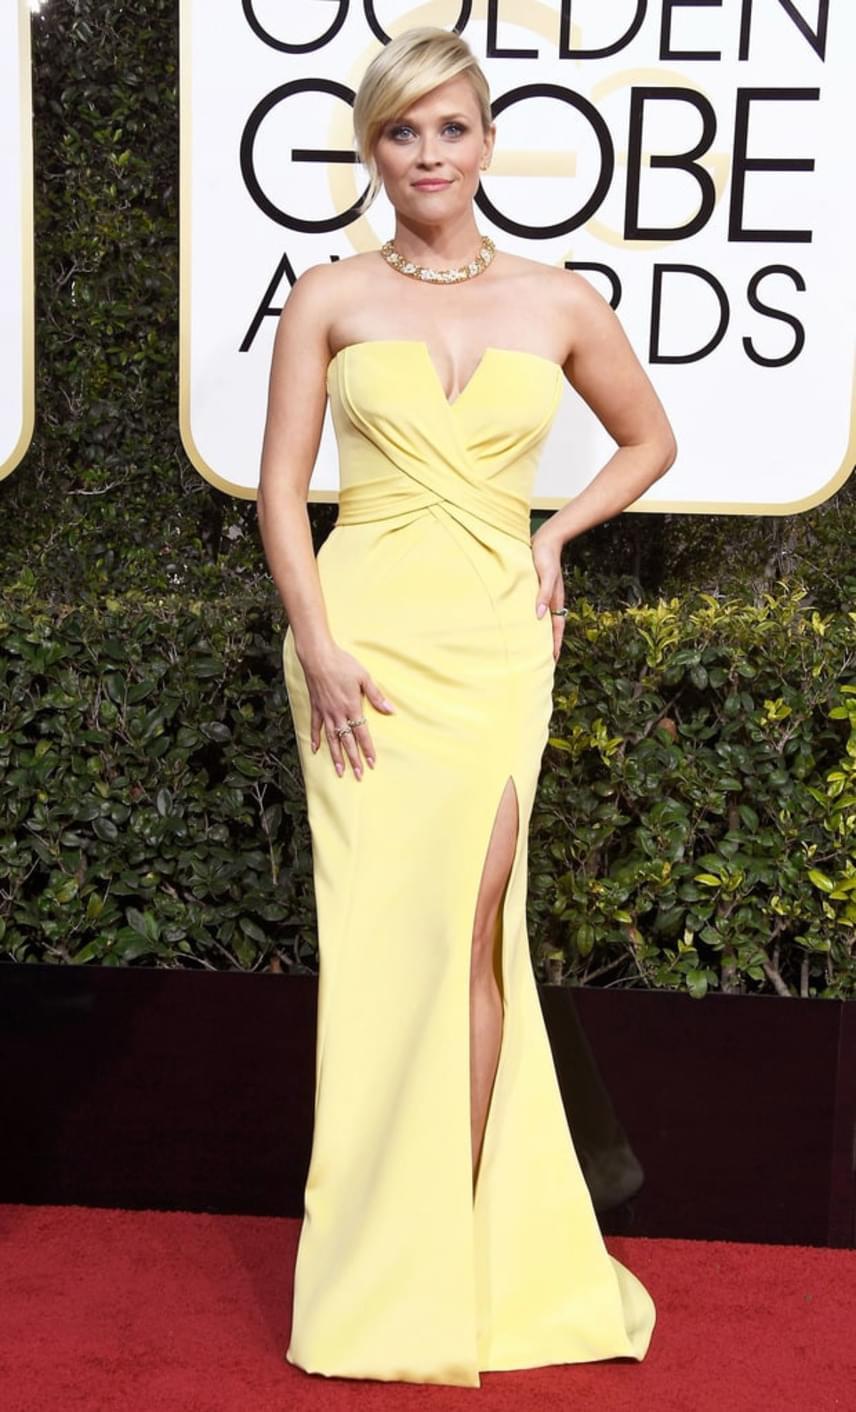 Reese Witherspoont talán még sohasem láthattuk ilyen szexinek - a színésznő napsárga ruhában villantotta meg dögös dekoltázsát.